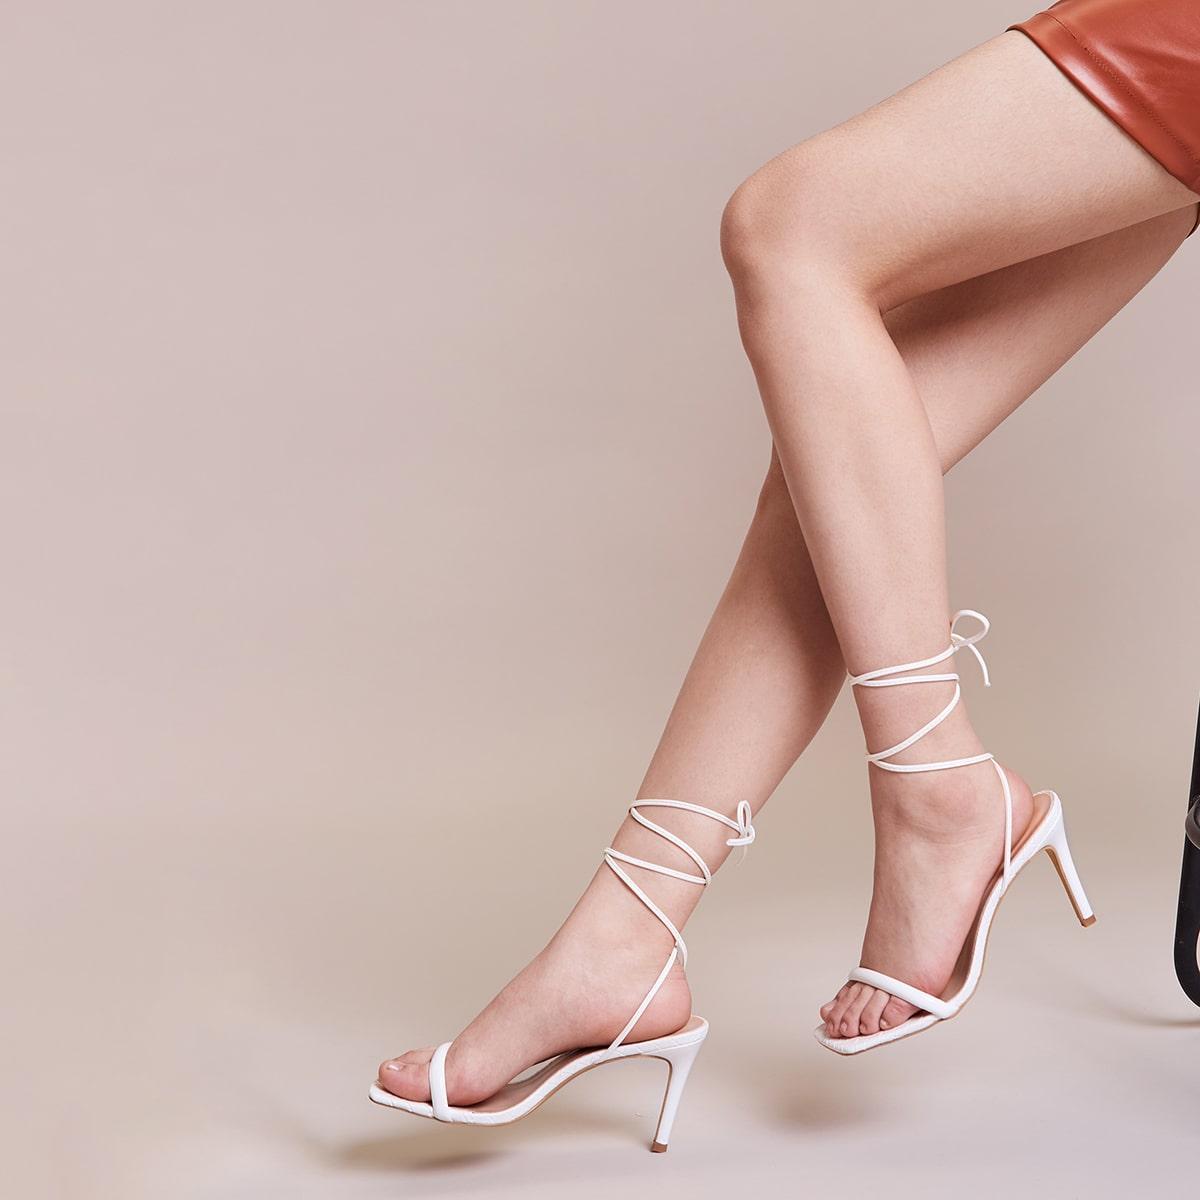 Sandalias con tacón delgado de pierna con cordón de punta abierta